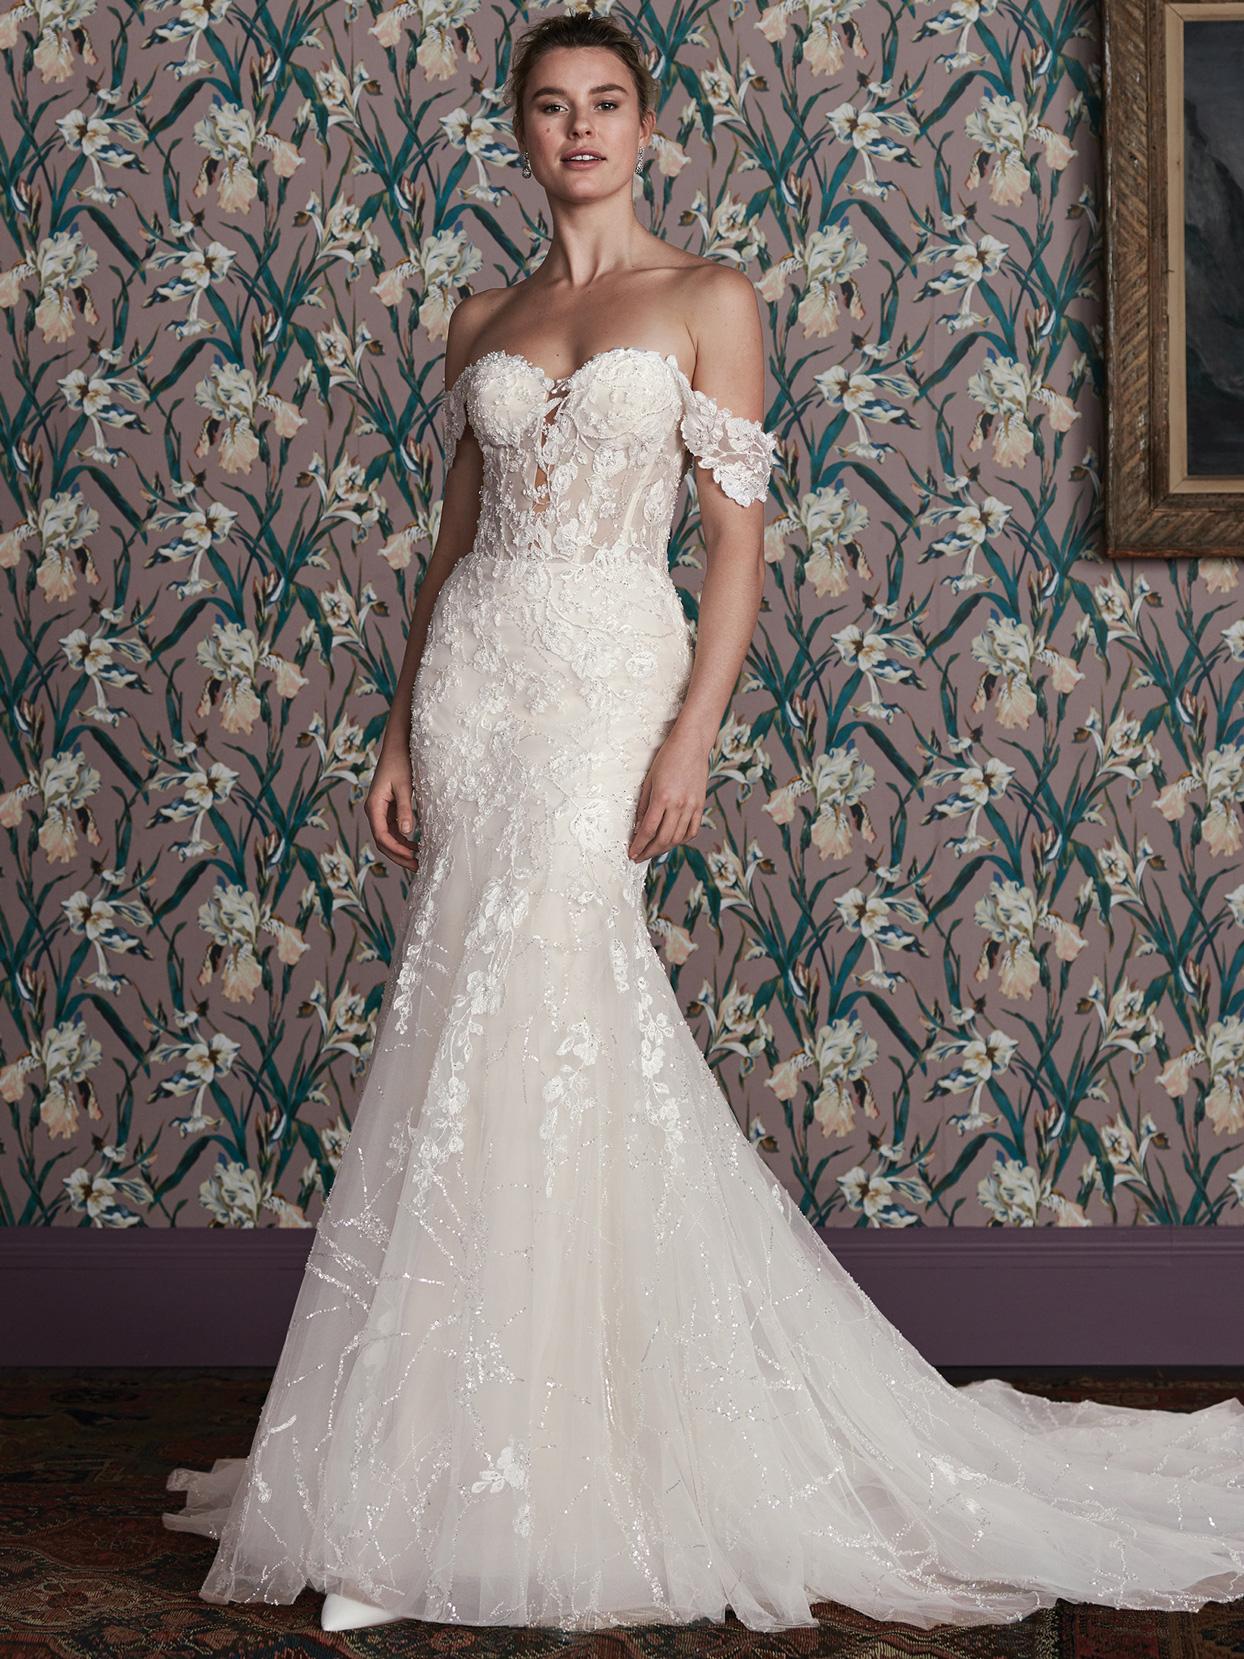 justin alexander sheer corset bodice off-the-shoulder wedding dress spring 2021